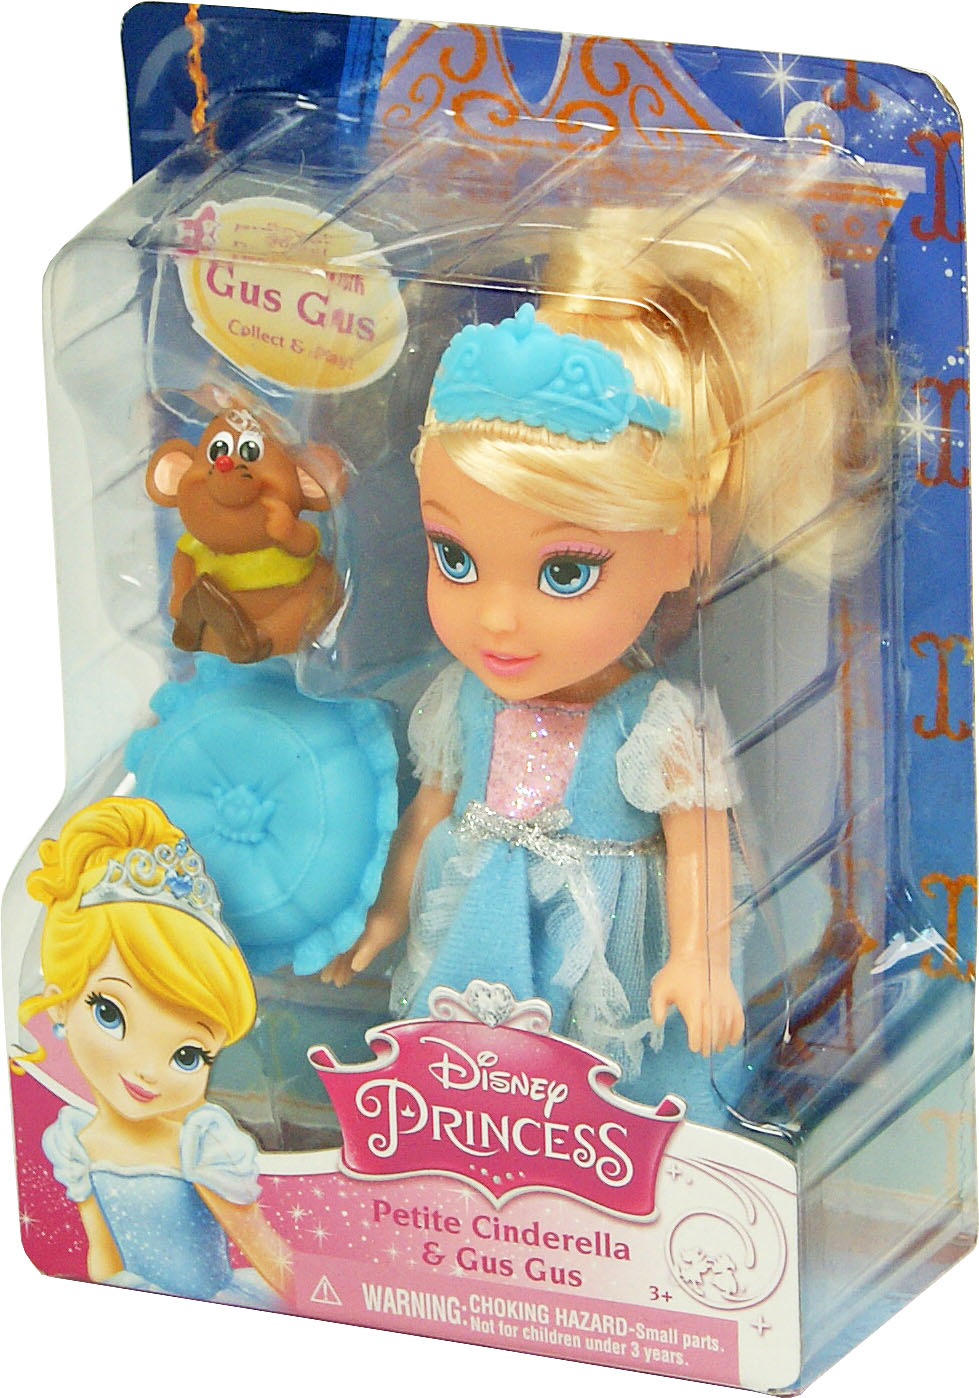 Іграшка лялька Disney Попелюшка арт.86862 (75969) блістер 7*14*19см